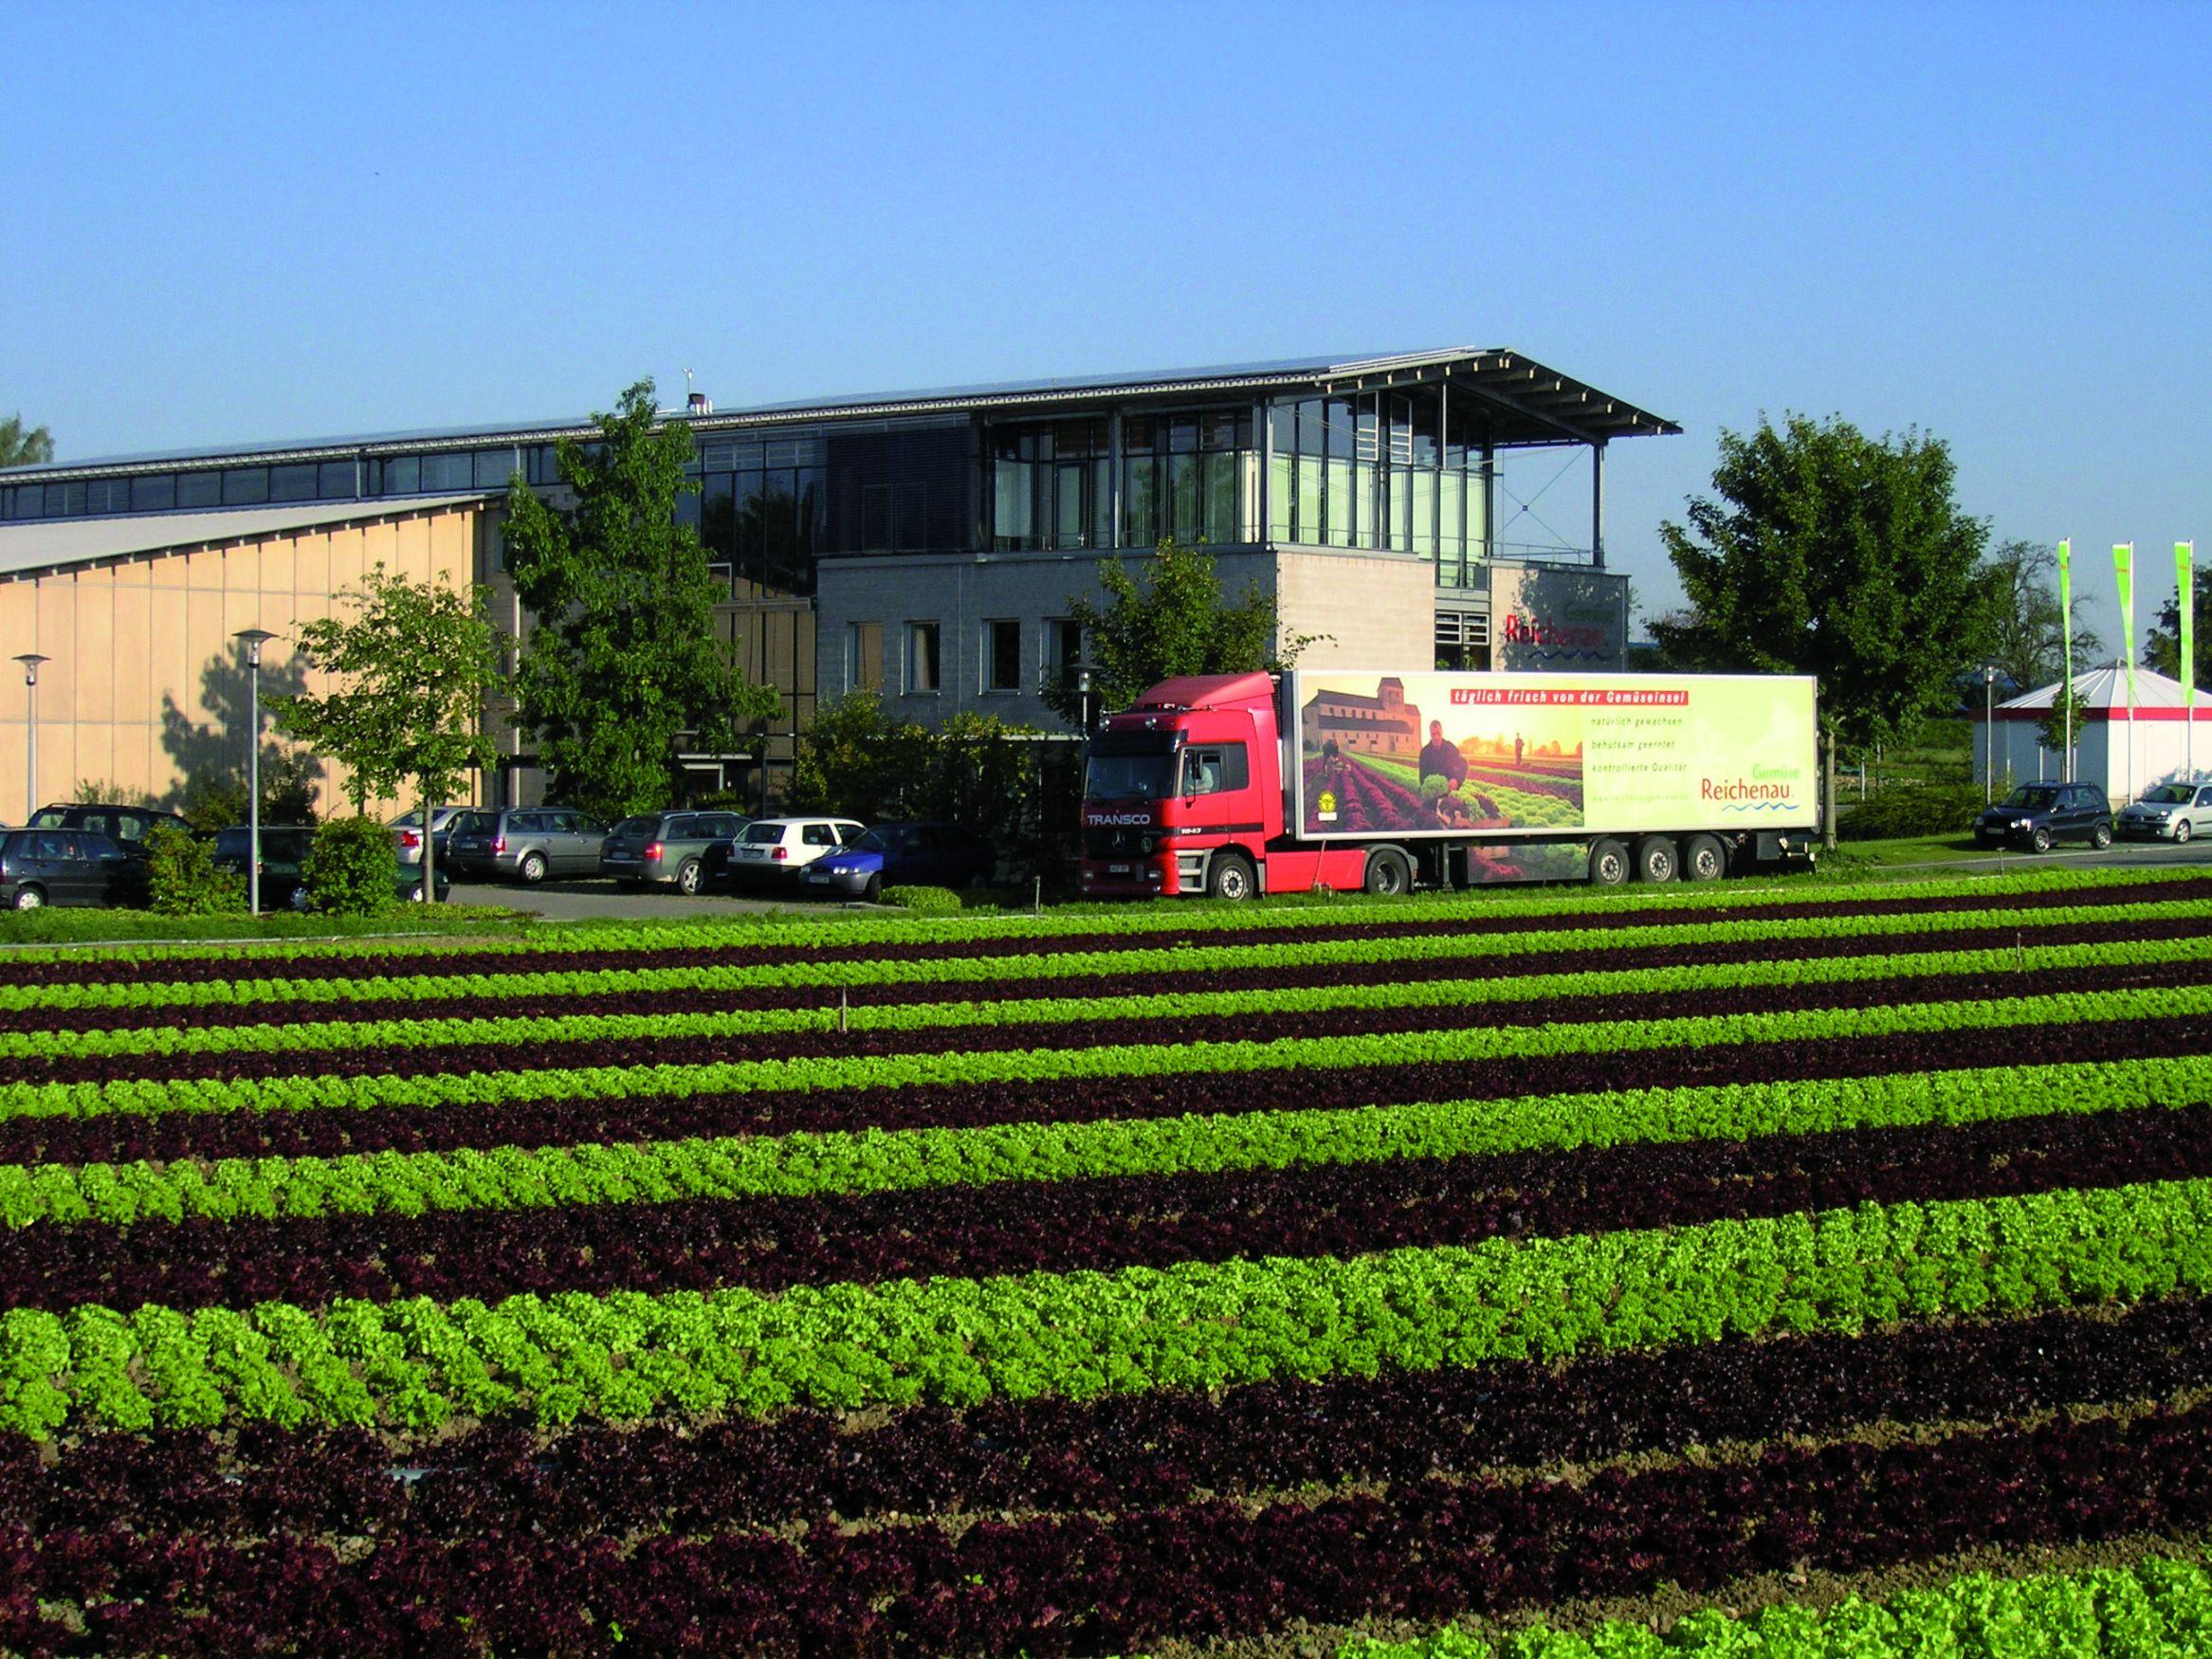 Reichenau, LKW Transport von Obst   Deutschland - Mein Garten.